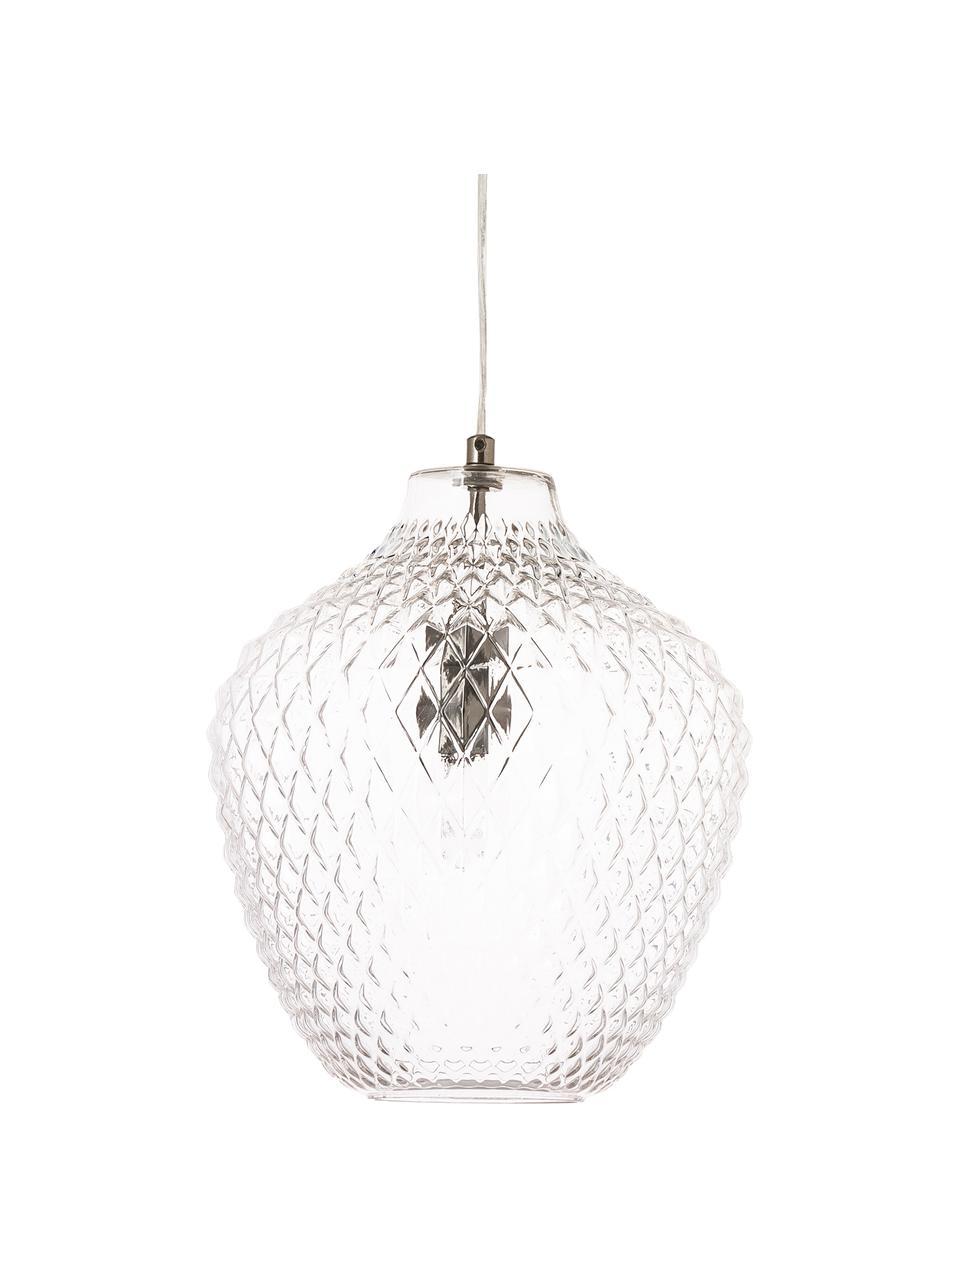 Lampa wisząca ze szkła Lee, Transparentny, chrom, Ø 27 x W 33 cm